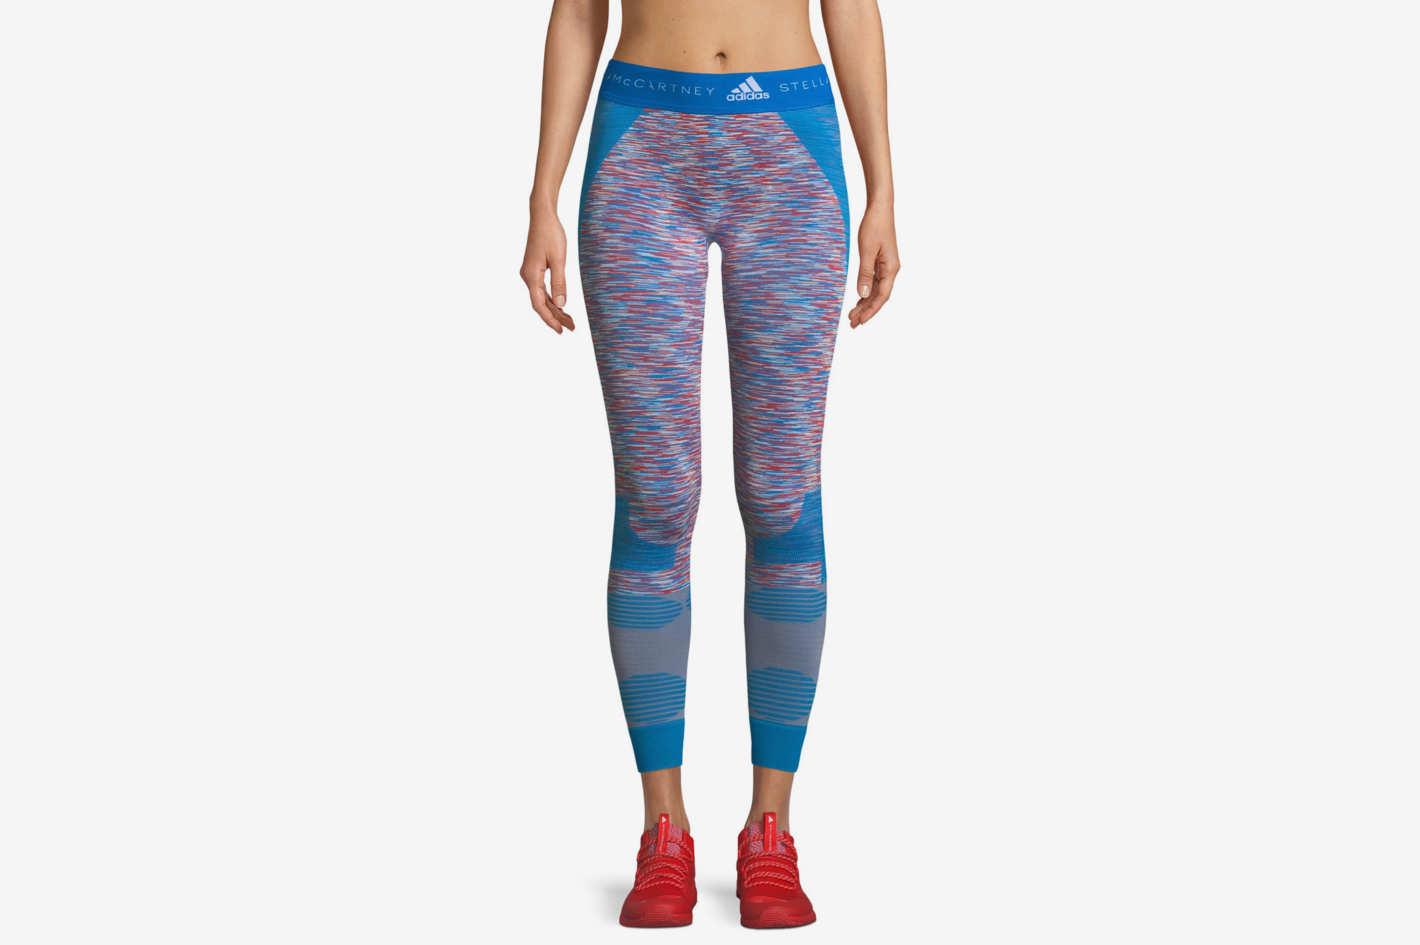 Adidas by Stella McCartney Seamless Yoga Tights